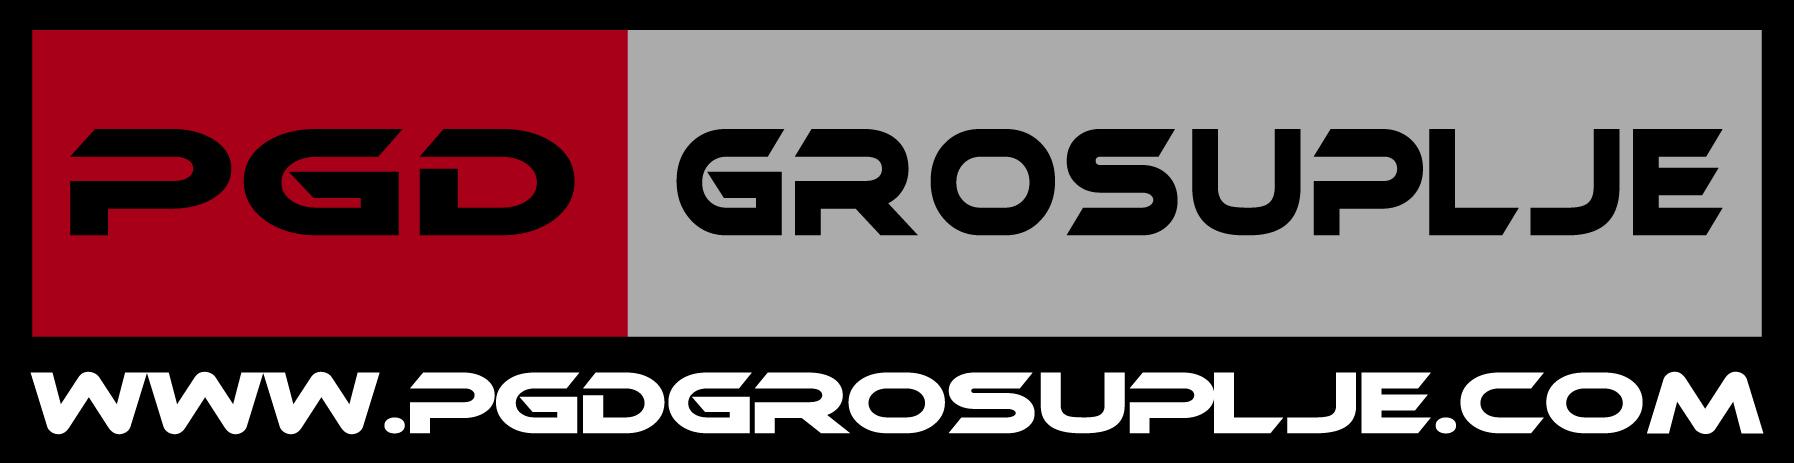 Logotip z URL